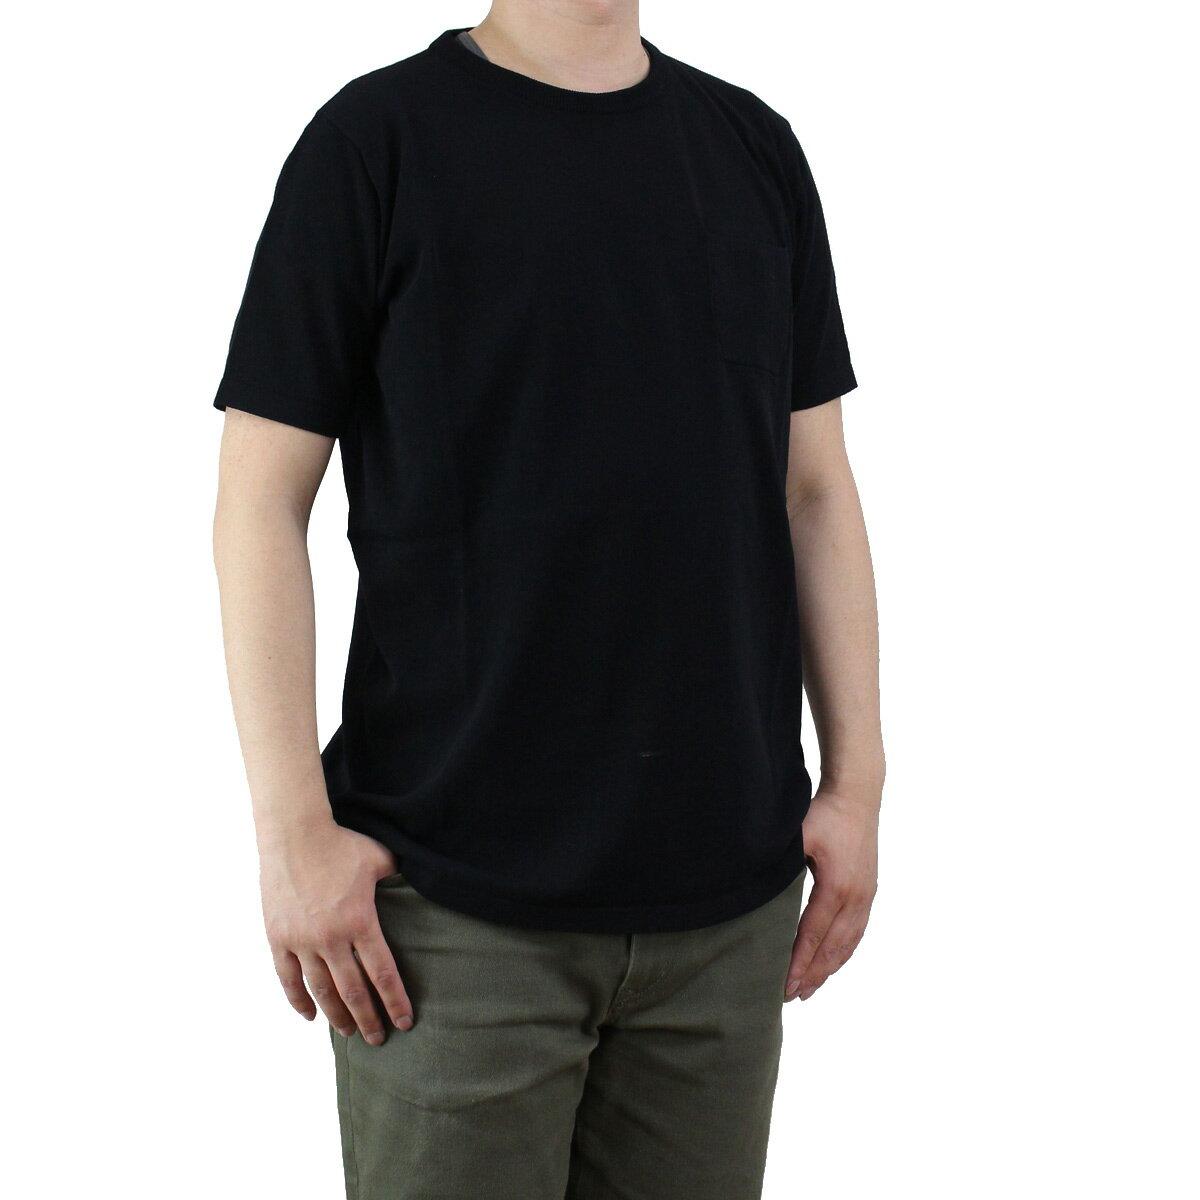 バーク Bark メンズ 半袖 サマー セーター 71B6006 261 BLACK ブラック 【メンズ】